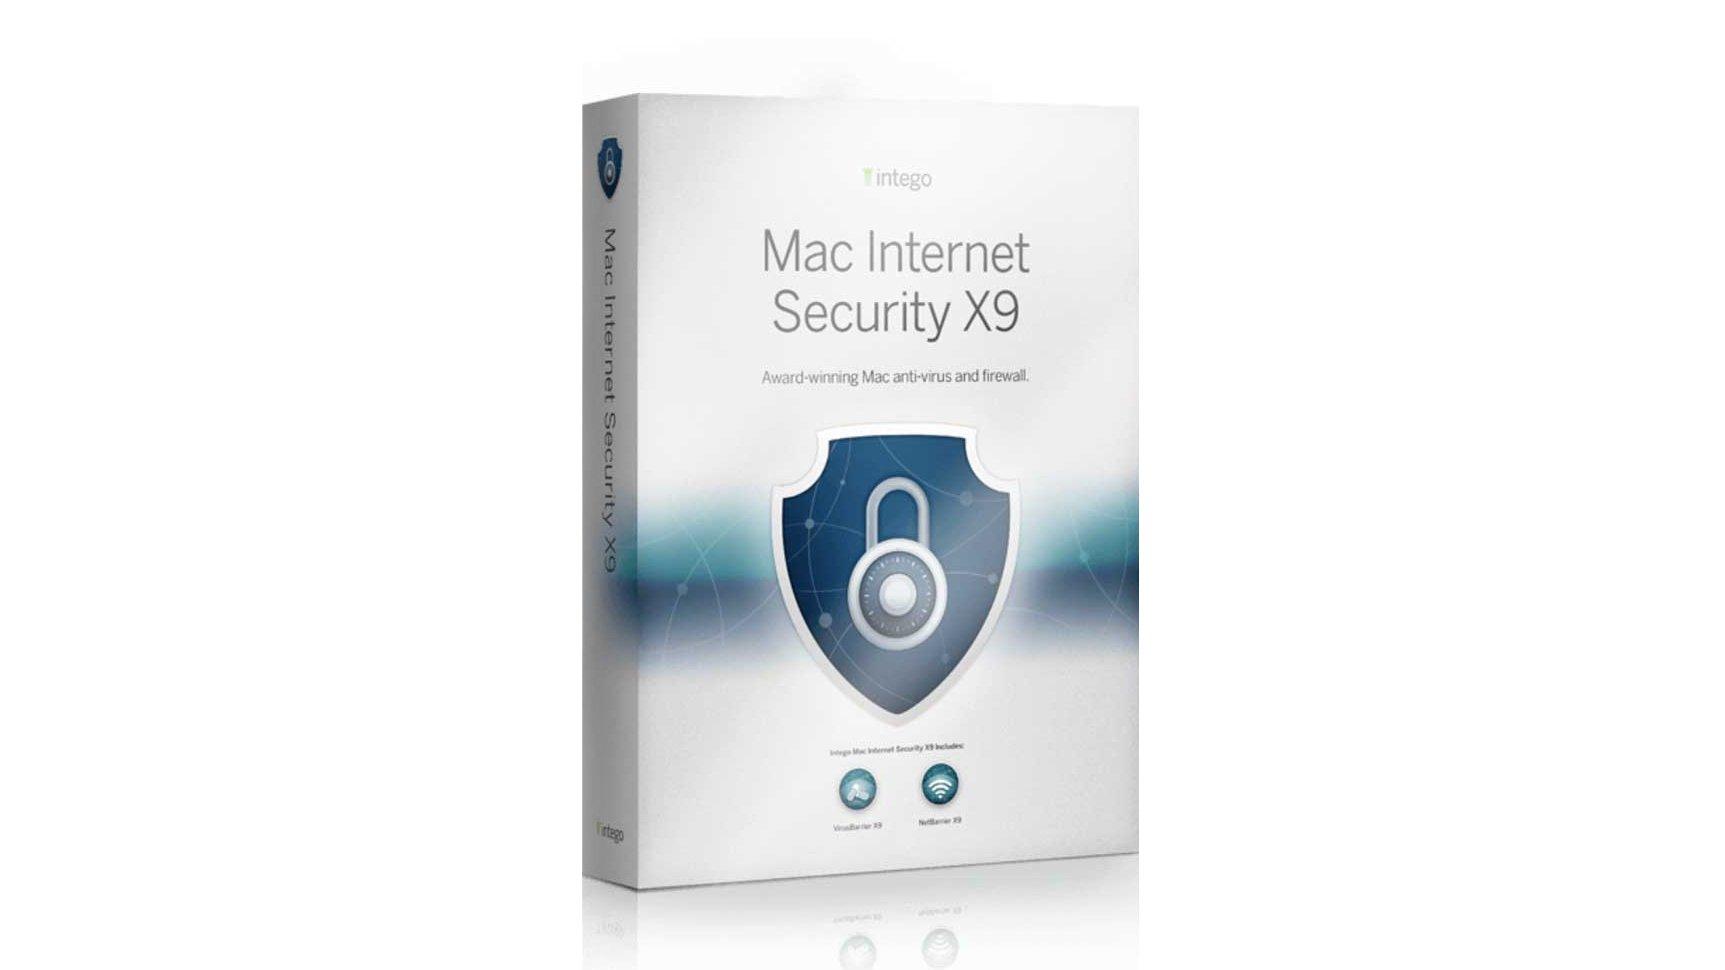 Le Premium BundleX9 d'Intego vous permettra d'acquérir un antivirus, un antimalware et un nettoyeur de mac à prix complètement barré.